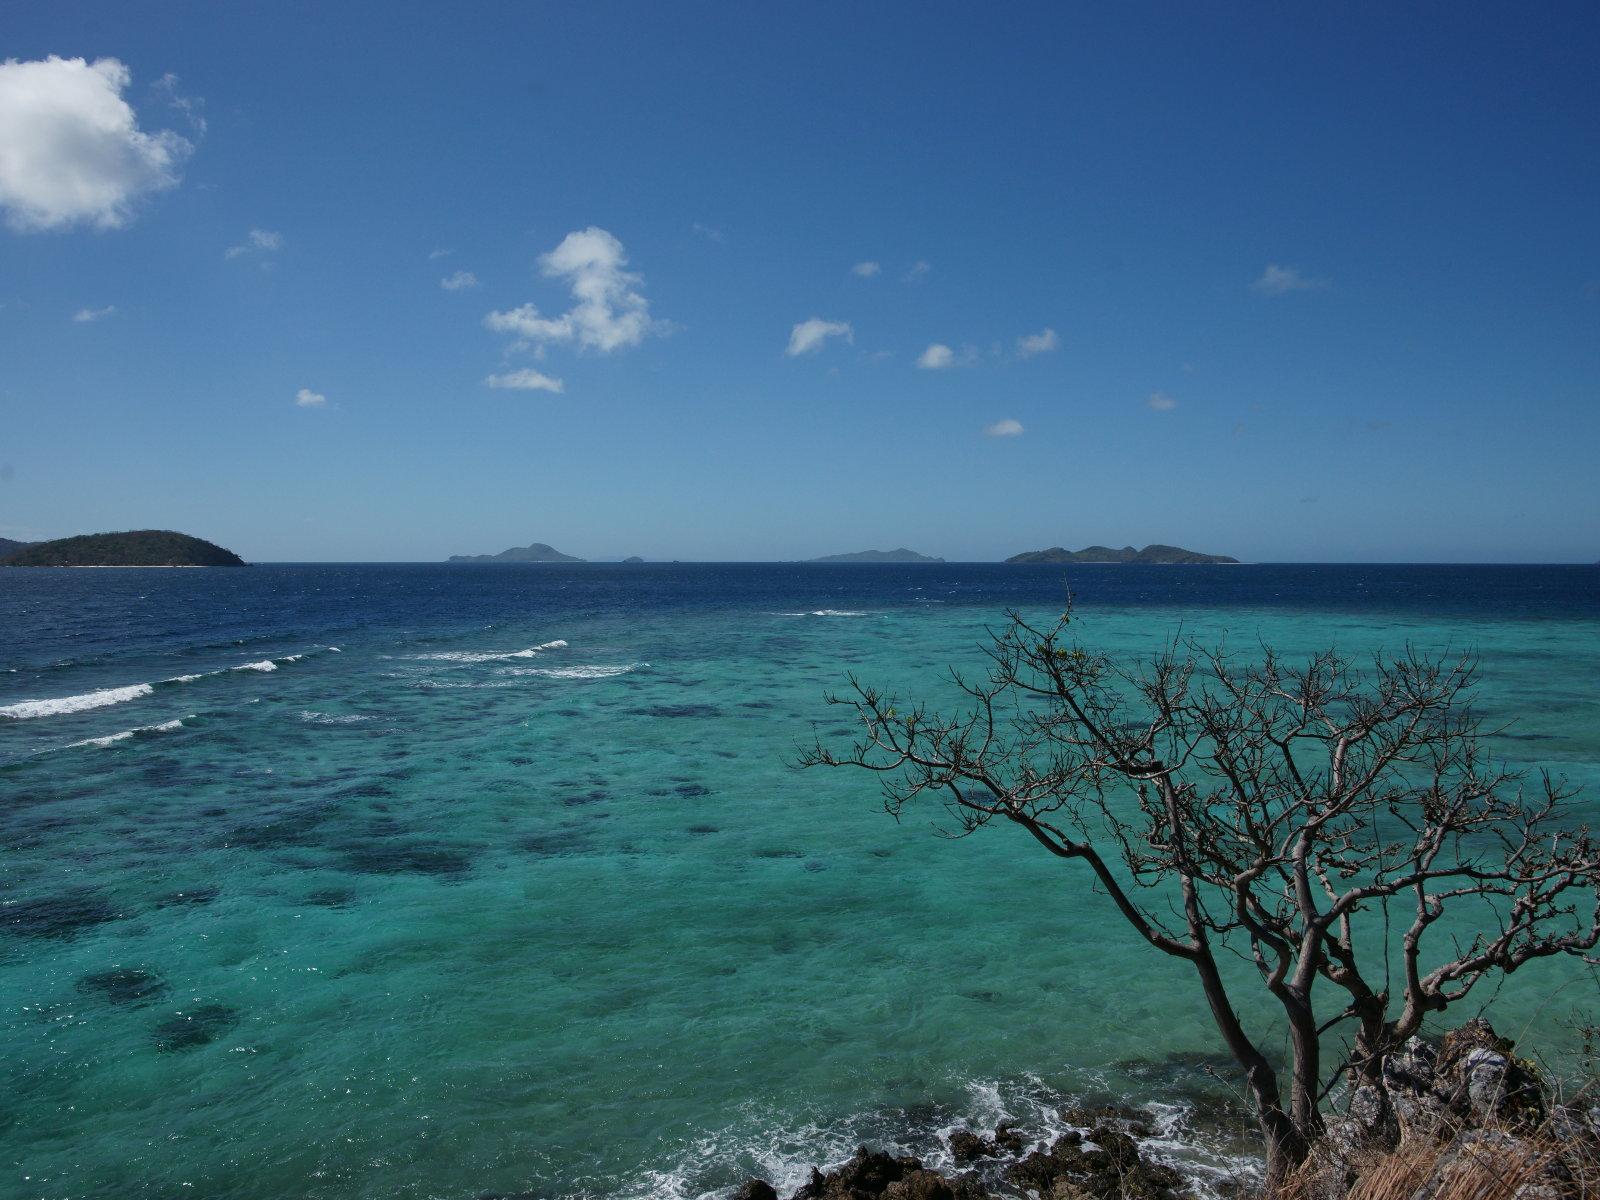 http://1.bp.blogspot.com/-A_T1ylRvRXQ/ThMrwPafQwI/AAAAAAAAAF8/1tGD2us01wY/s1600/blue_ocean_scenery-dsc00038-wp.jpg